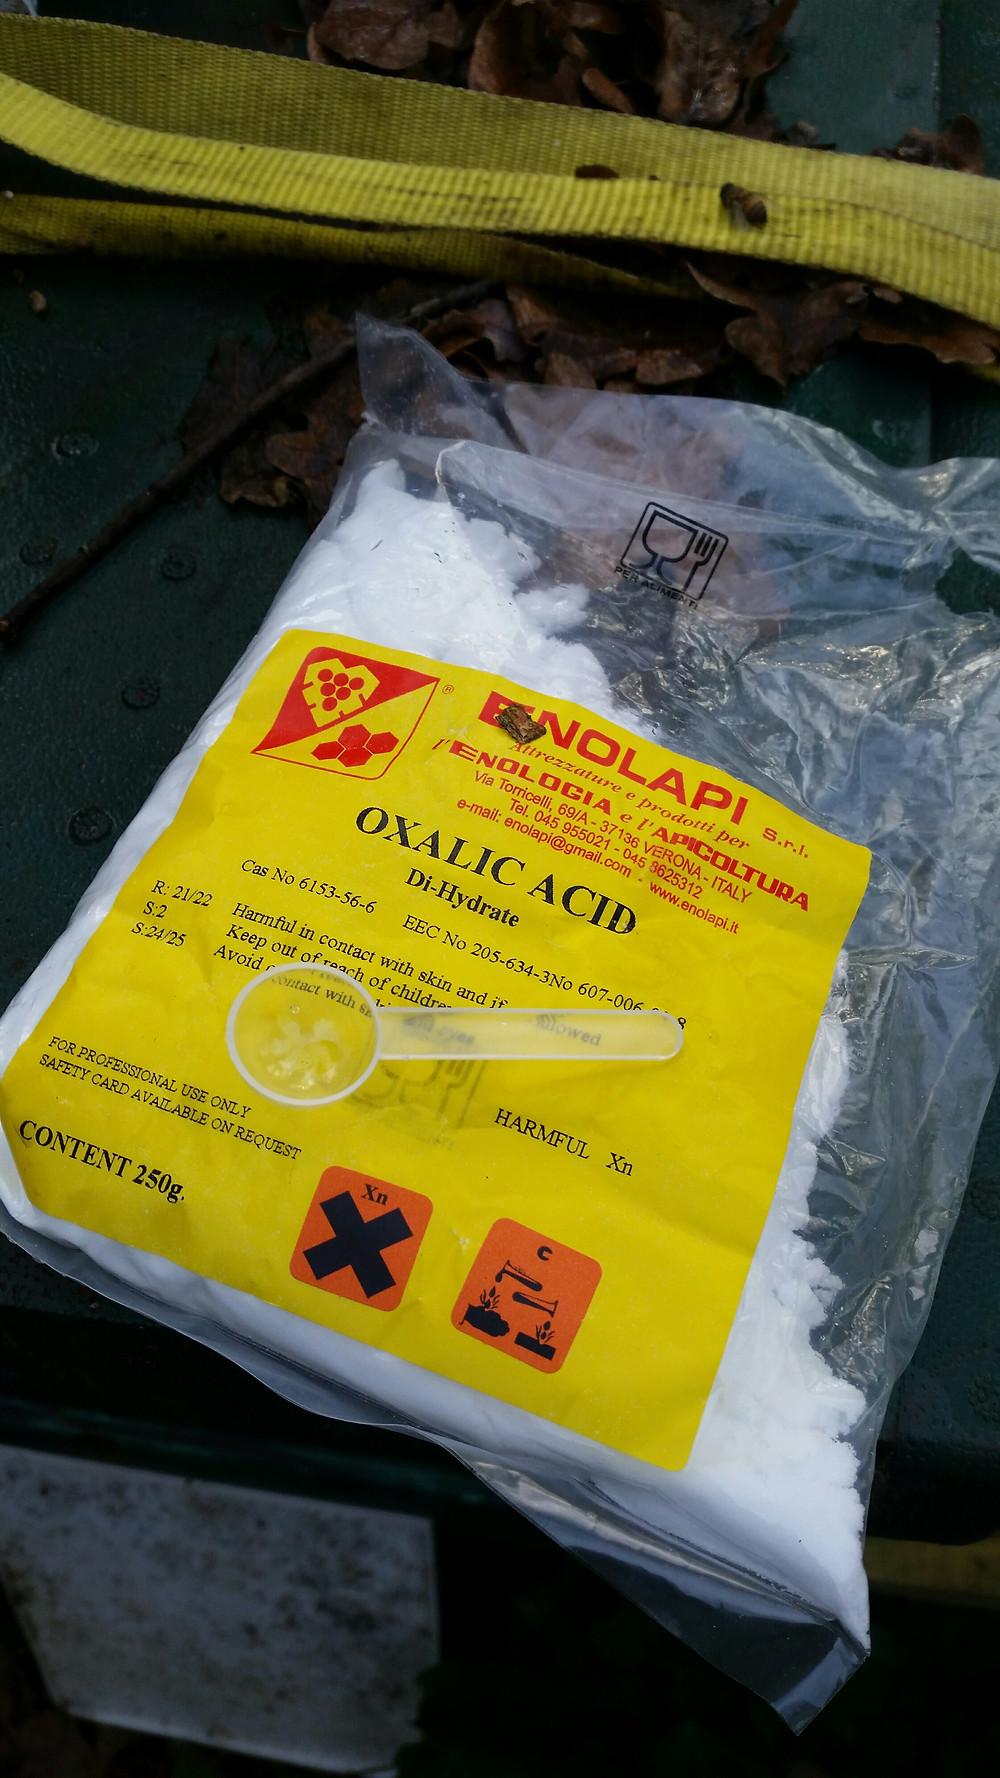 Oxalic Acid with spoon